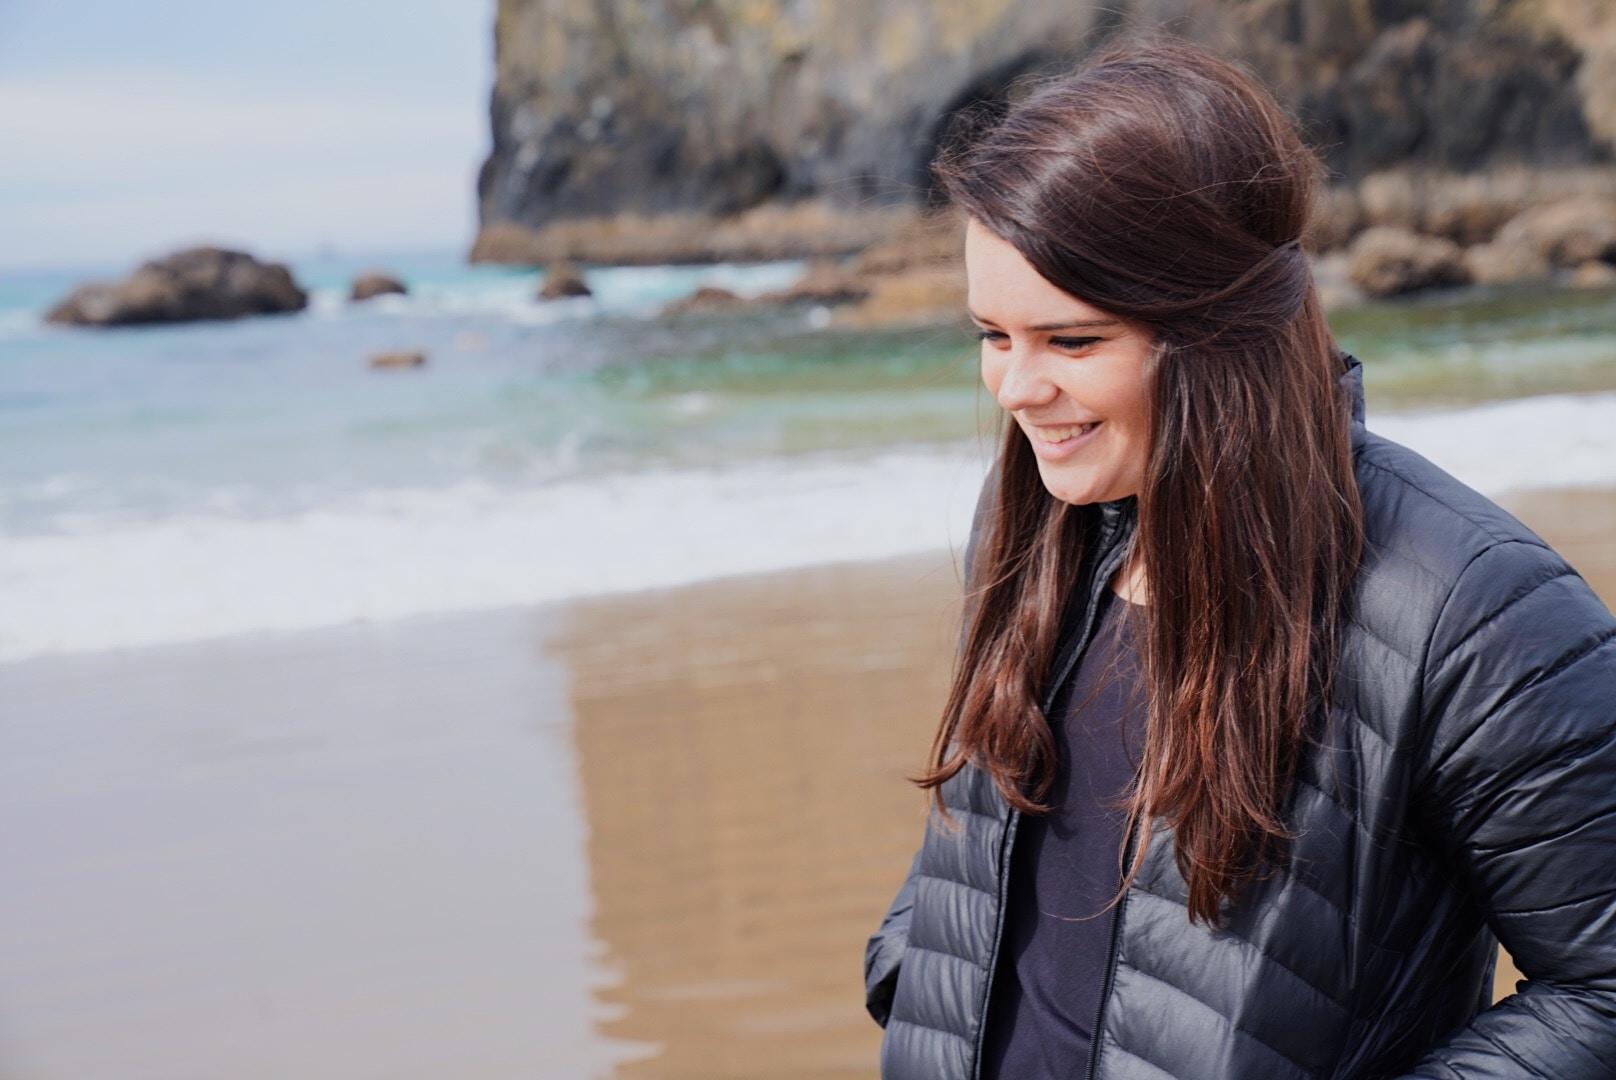 Go to Rebecca Harris's profile